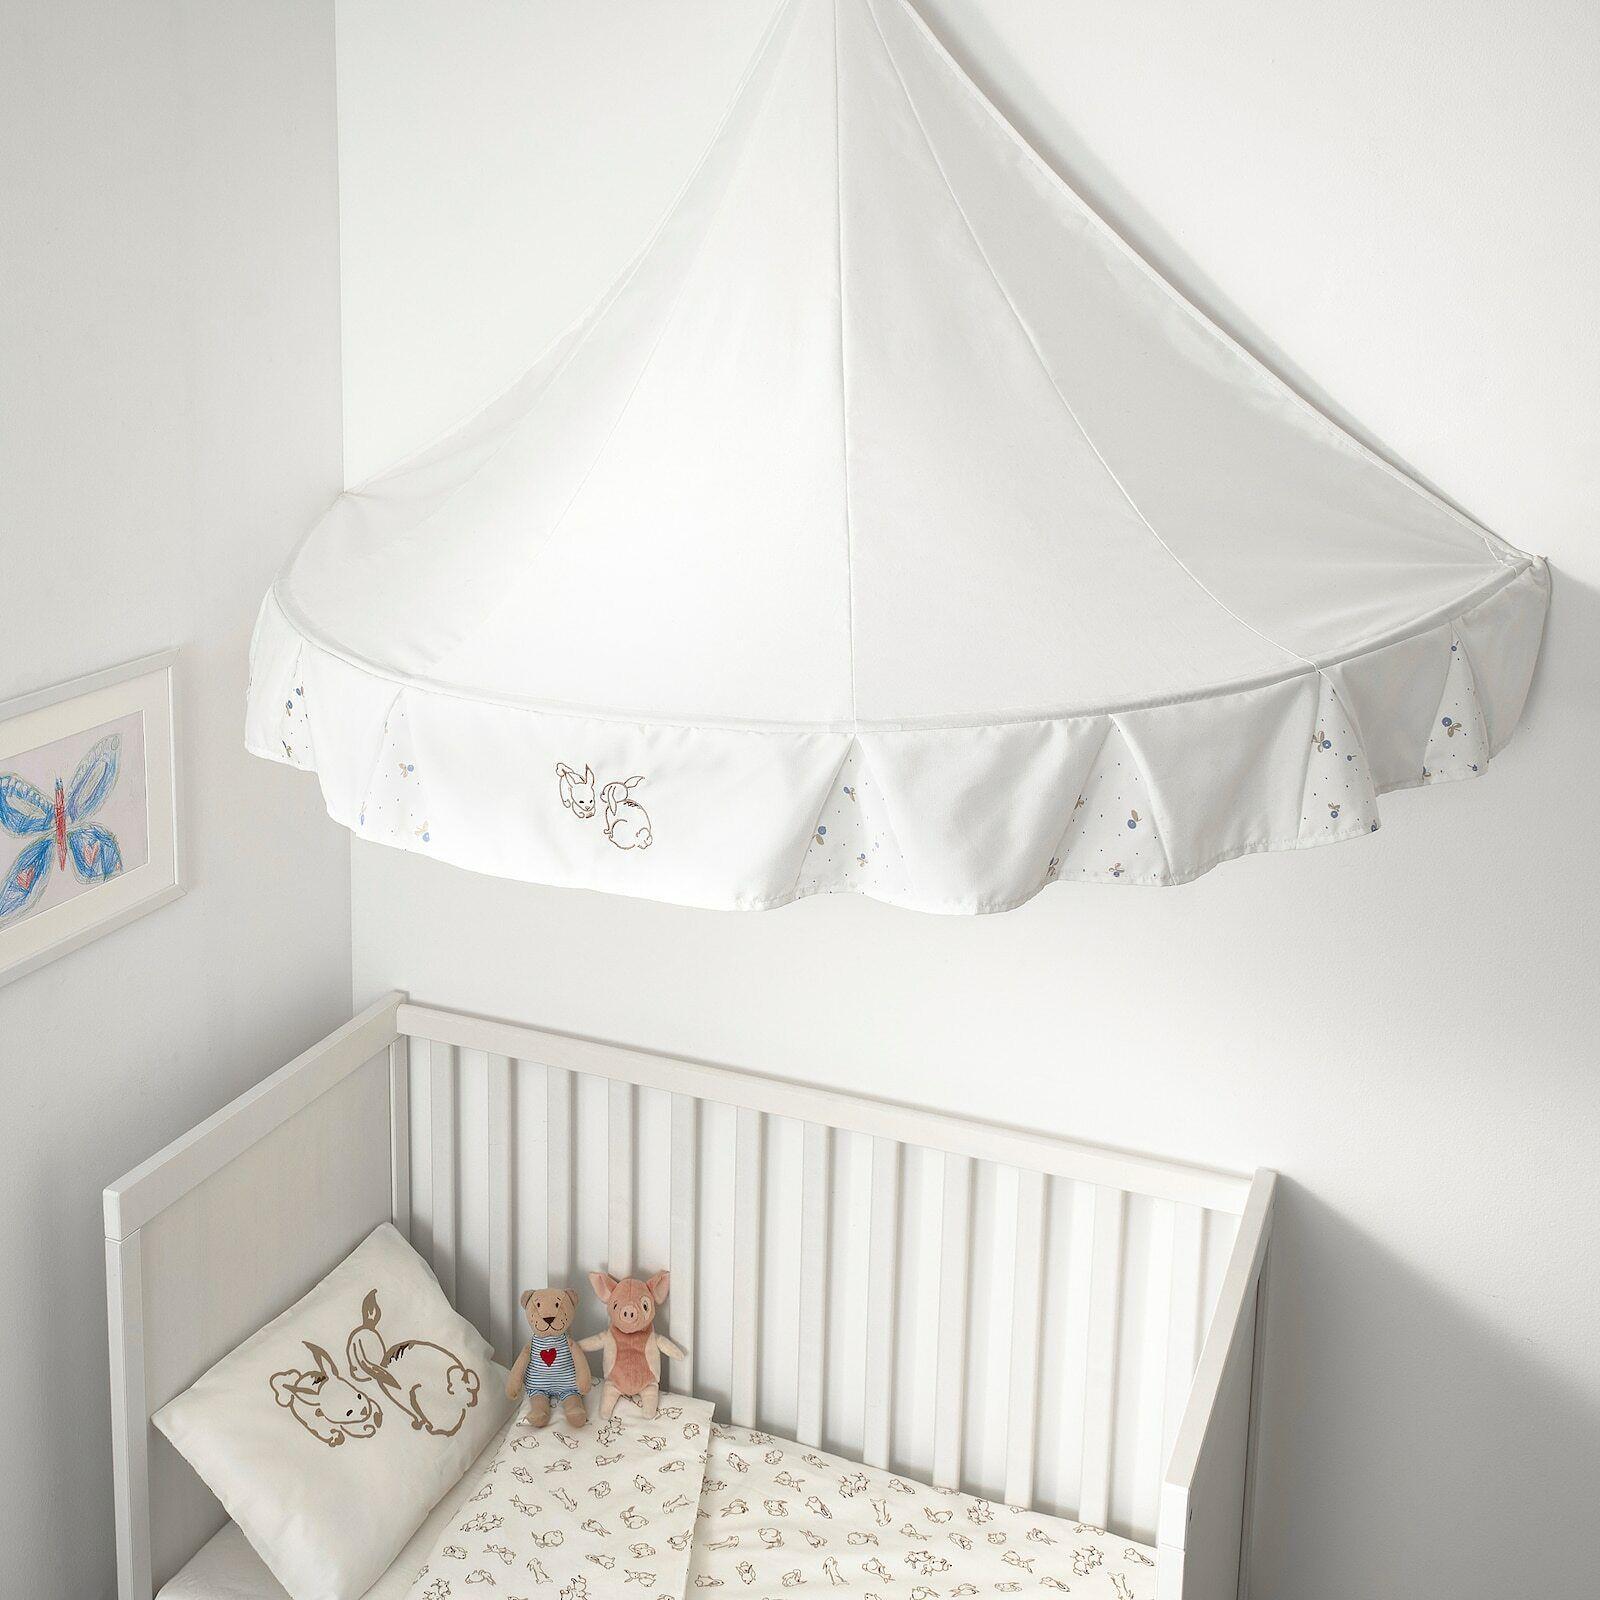 IKEA Betthimmel in weiß,77x94x155 Kanninchen Kinderzimmer Bettartikel Kinder